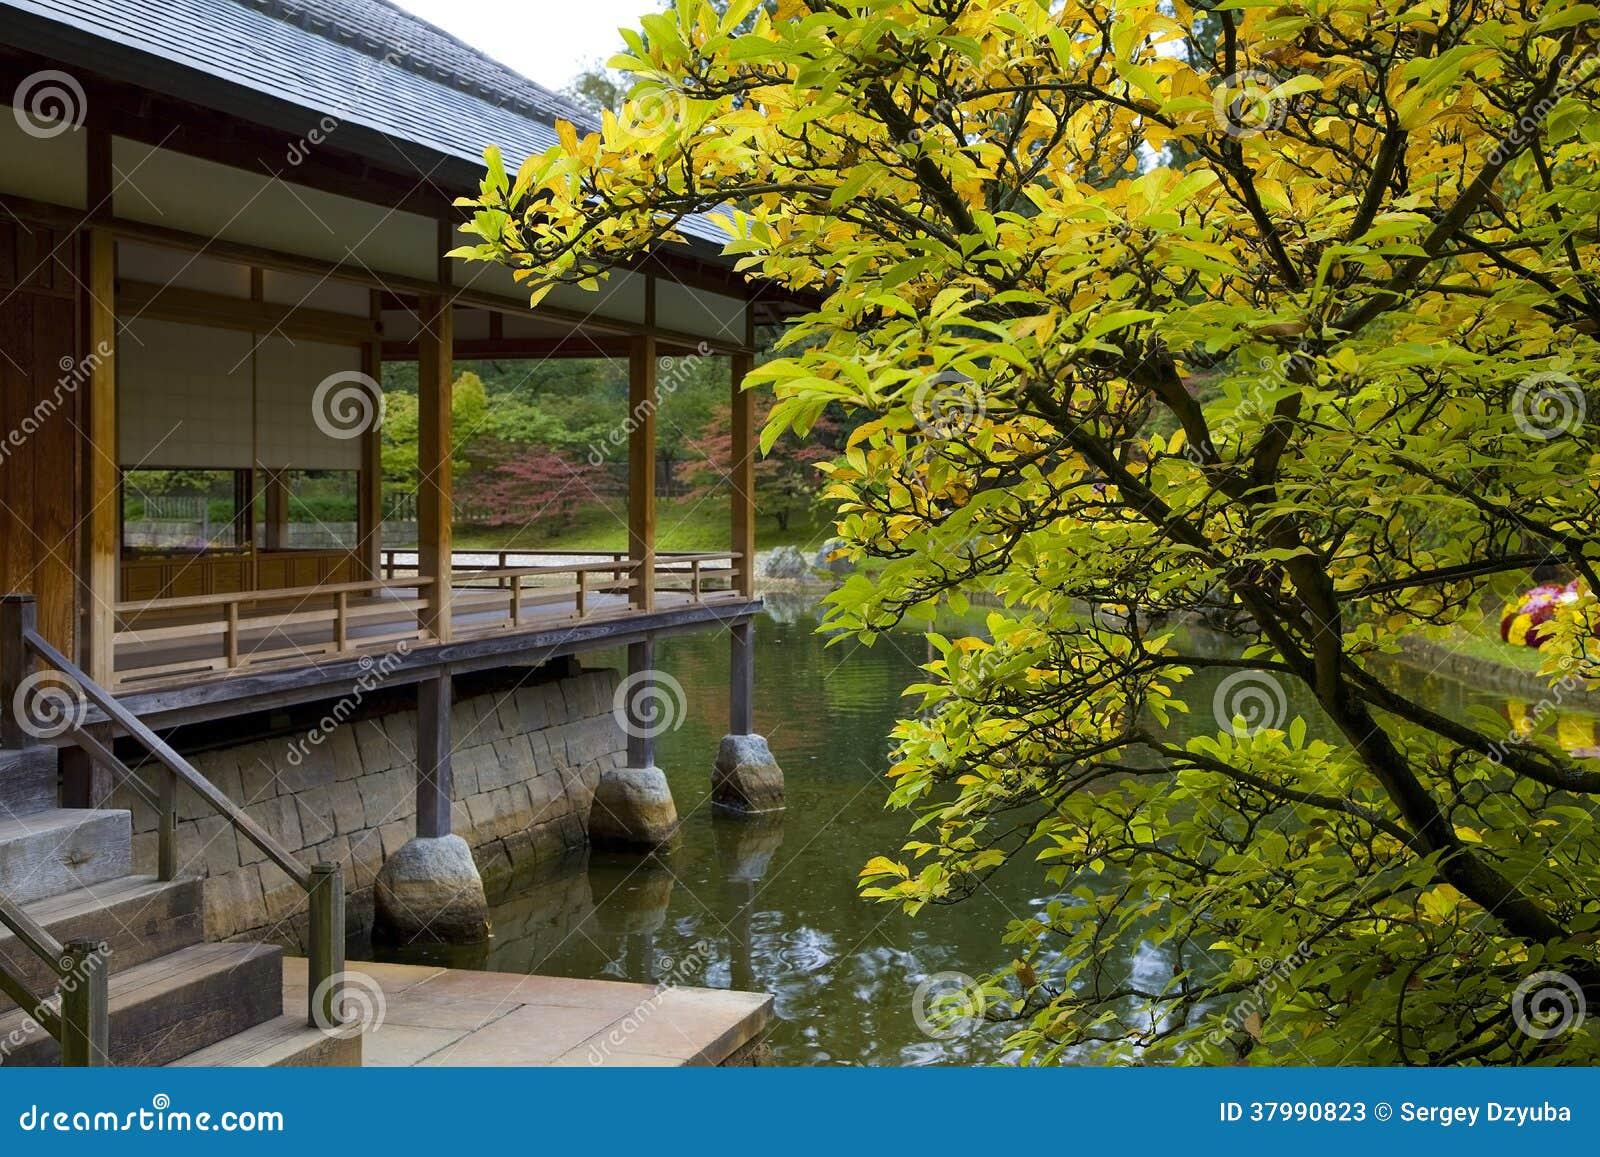 Casa De T En Jard N Japon S Fotos De Archivo Imagen